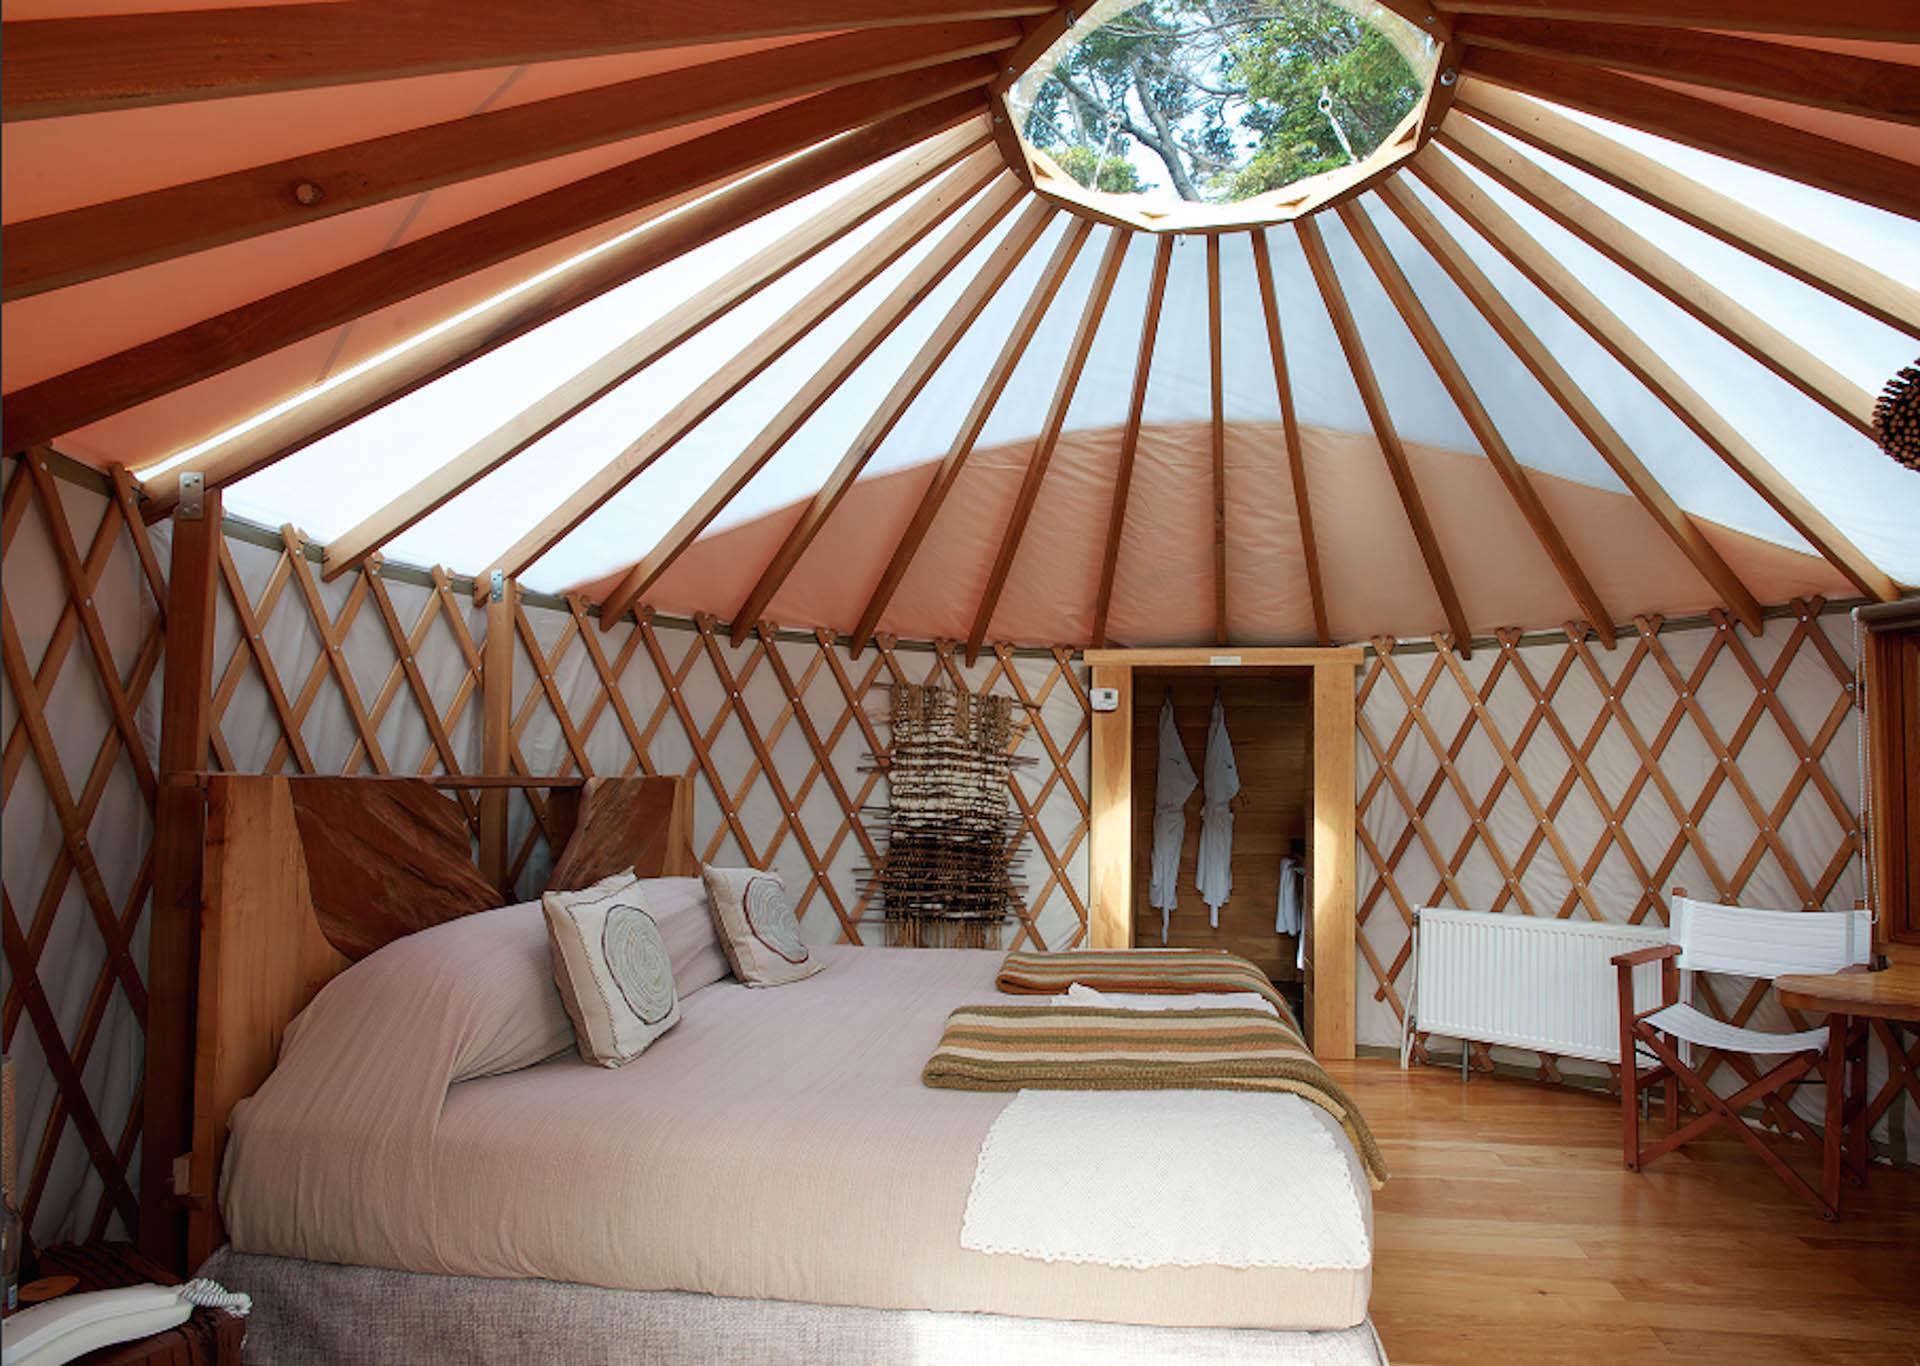 """La vista del cielo es un requisito clave a la hora de """"glampear"""". Desde techos corredizos a miniobservatorios incorporados (Patagonia Camp)"""